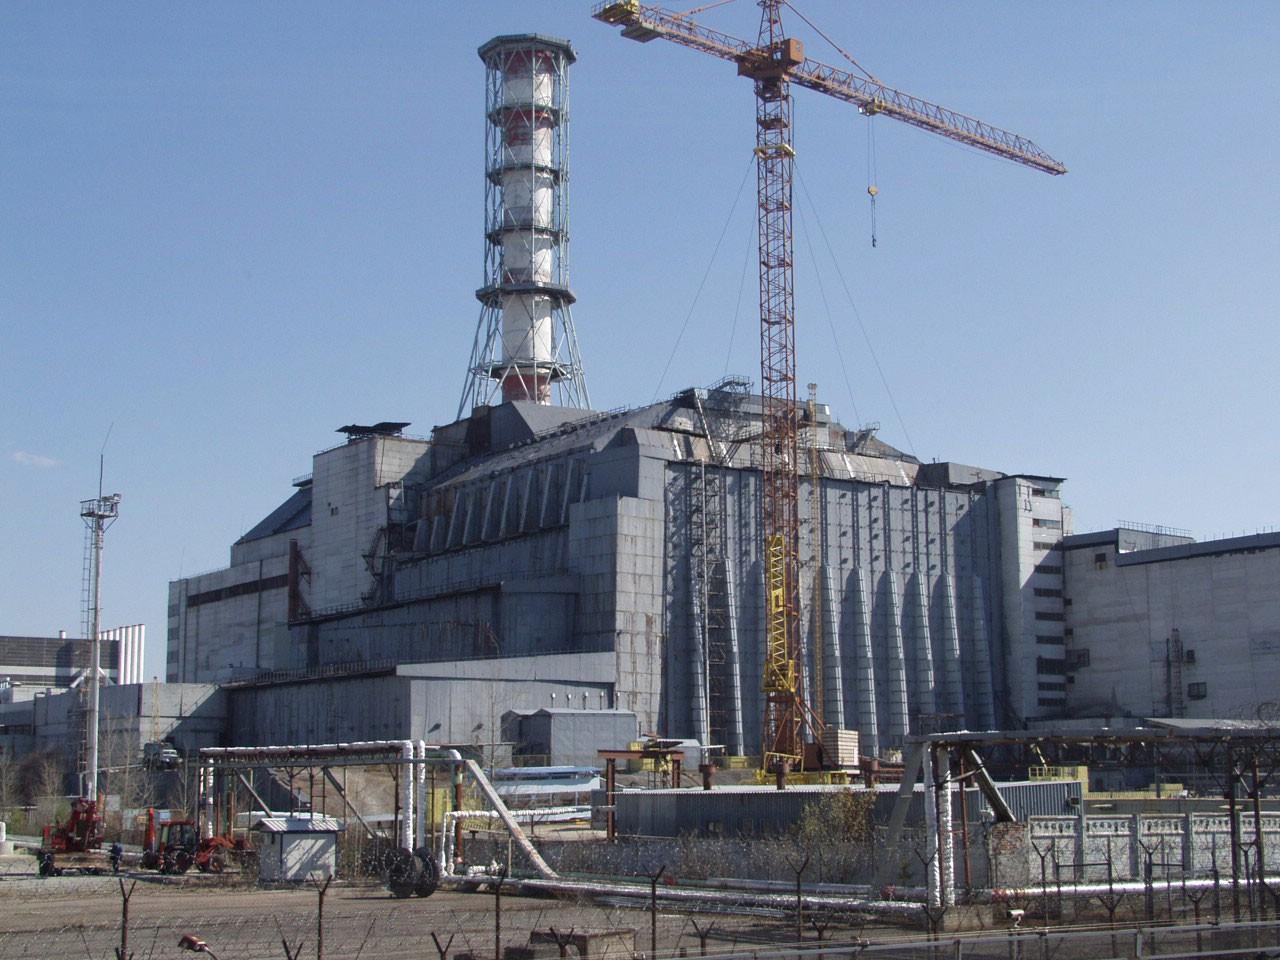 Чернобыль, Припять 2011. Зона. Авария на Чернобыльской АЭС в 1986